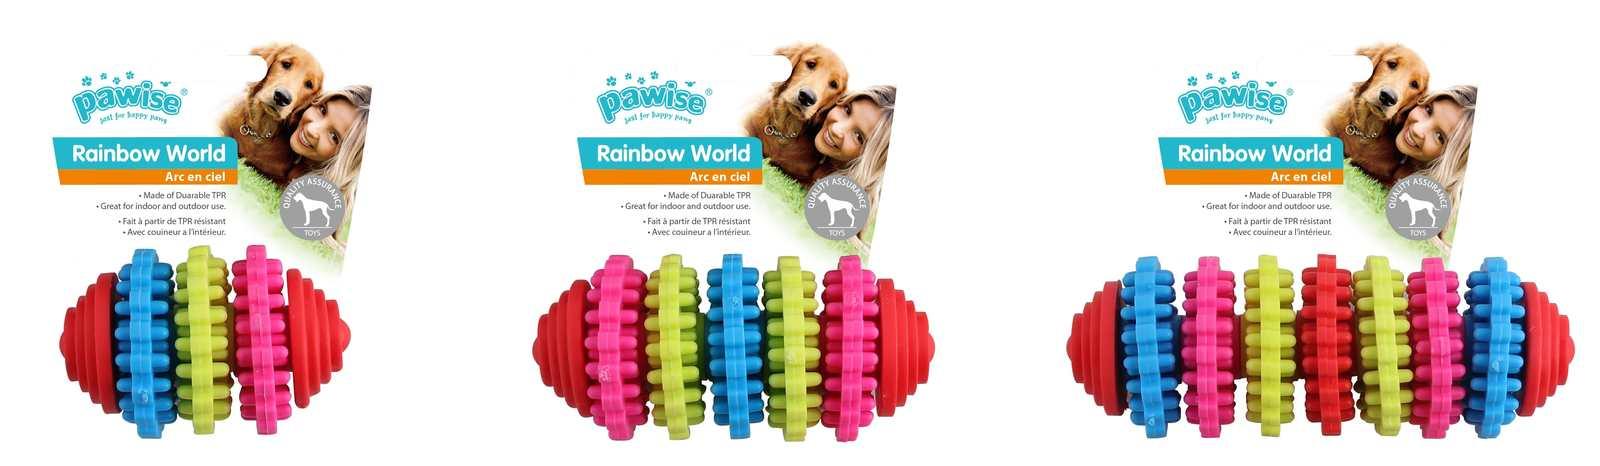 Pawise: Rainbow World - Gear Large image